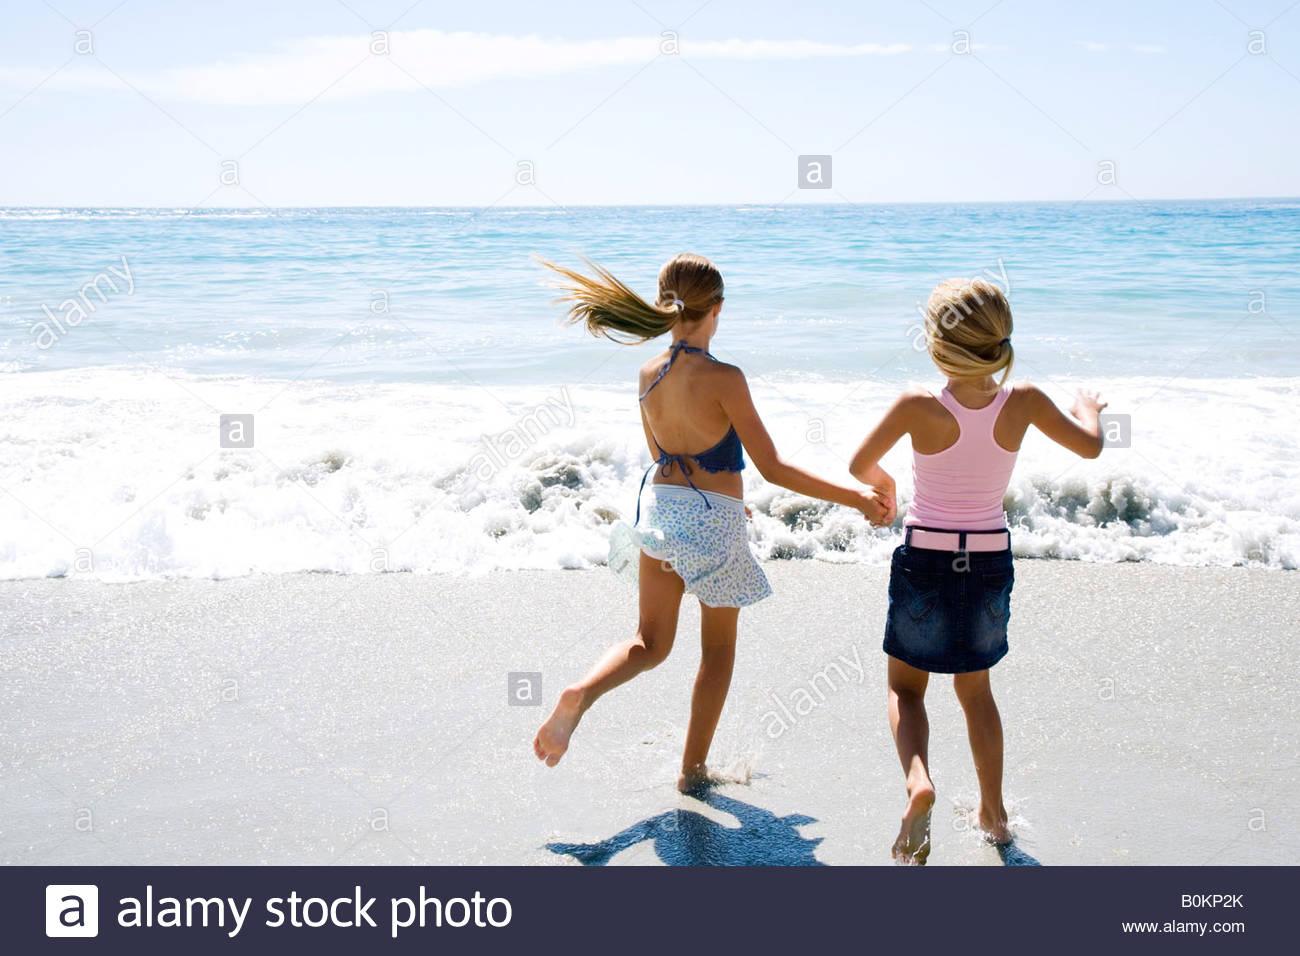 8c067b946f Zwei junge Mädchen am Strand laufen hand in hand Stockfoto, Bild ...